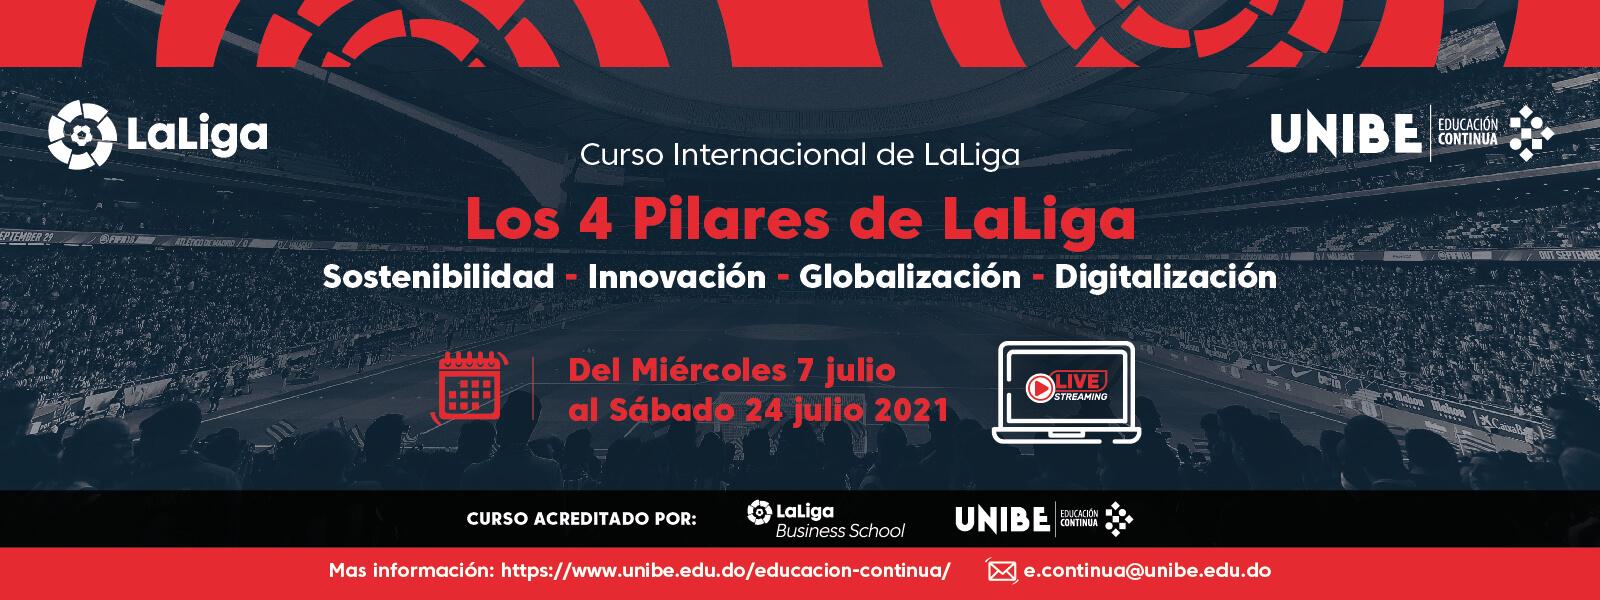 Curso Internacional Los 4 Pilares de LaLiga